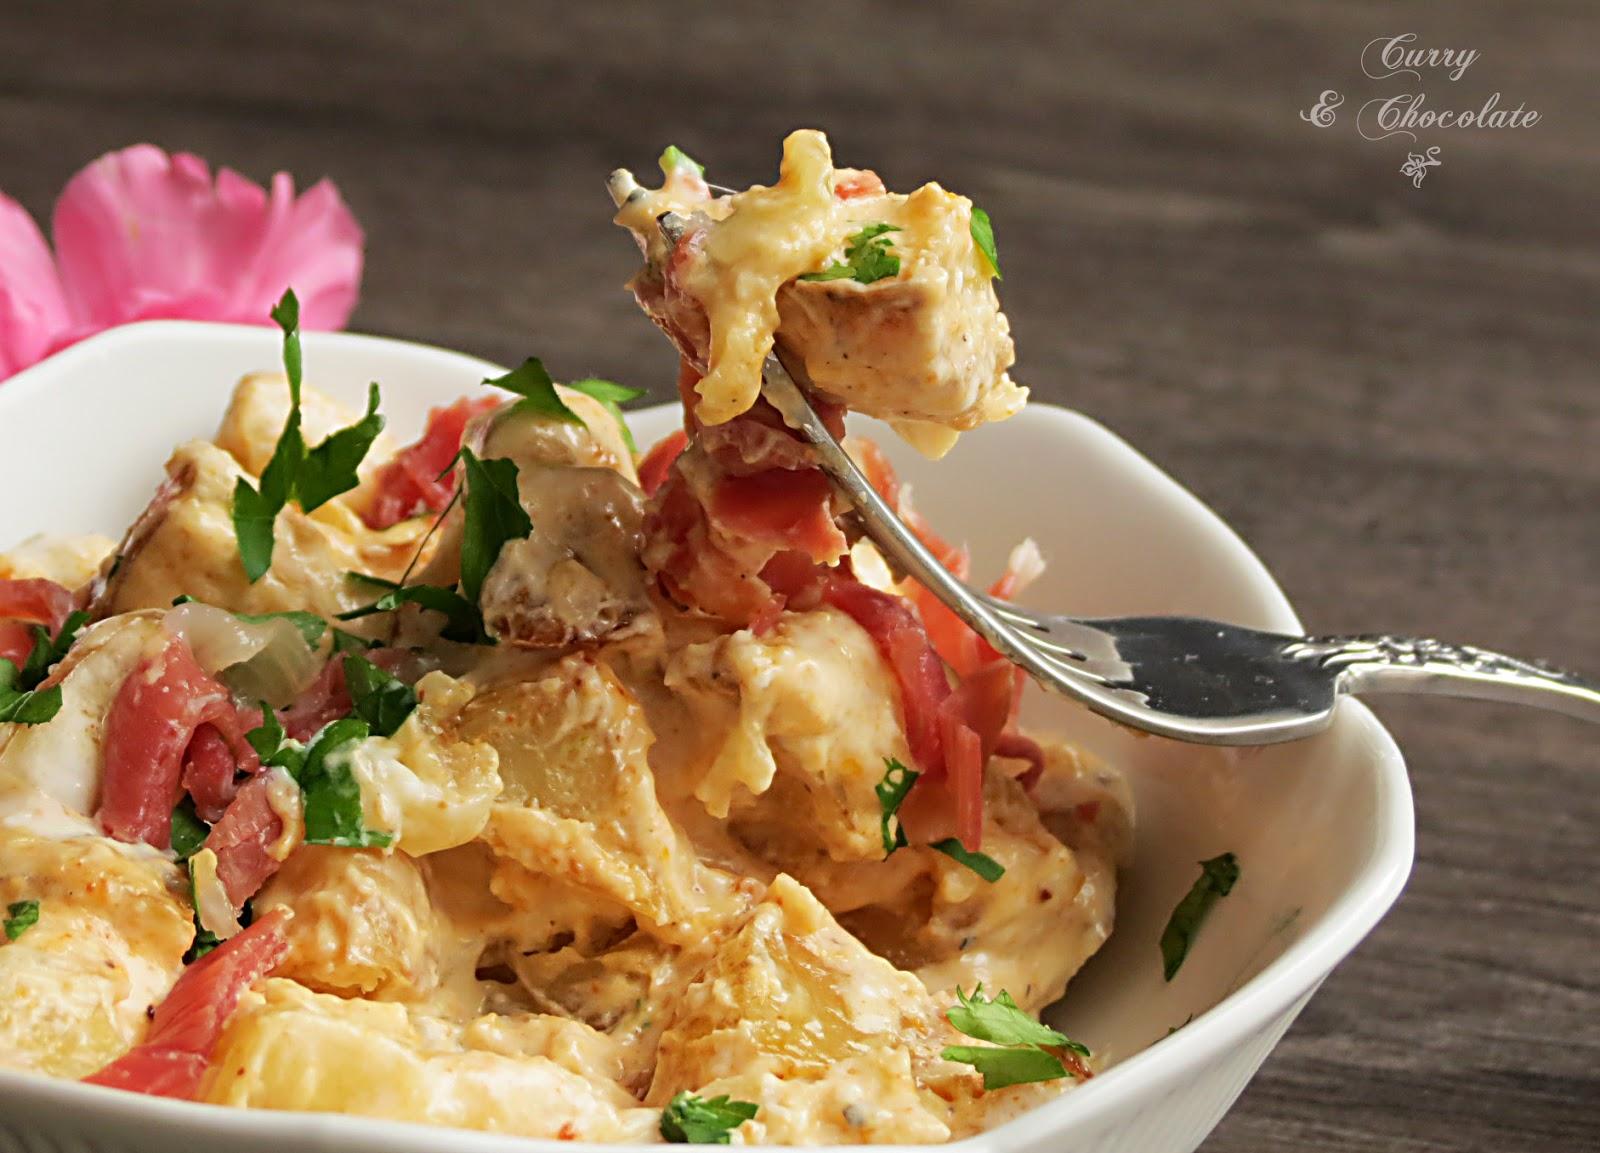 Ensalada de patatas asadas con jamón y salsa de yogur – Baked potato salad with prosciutto in a yogurt dressing